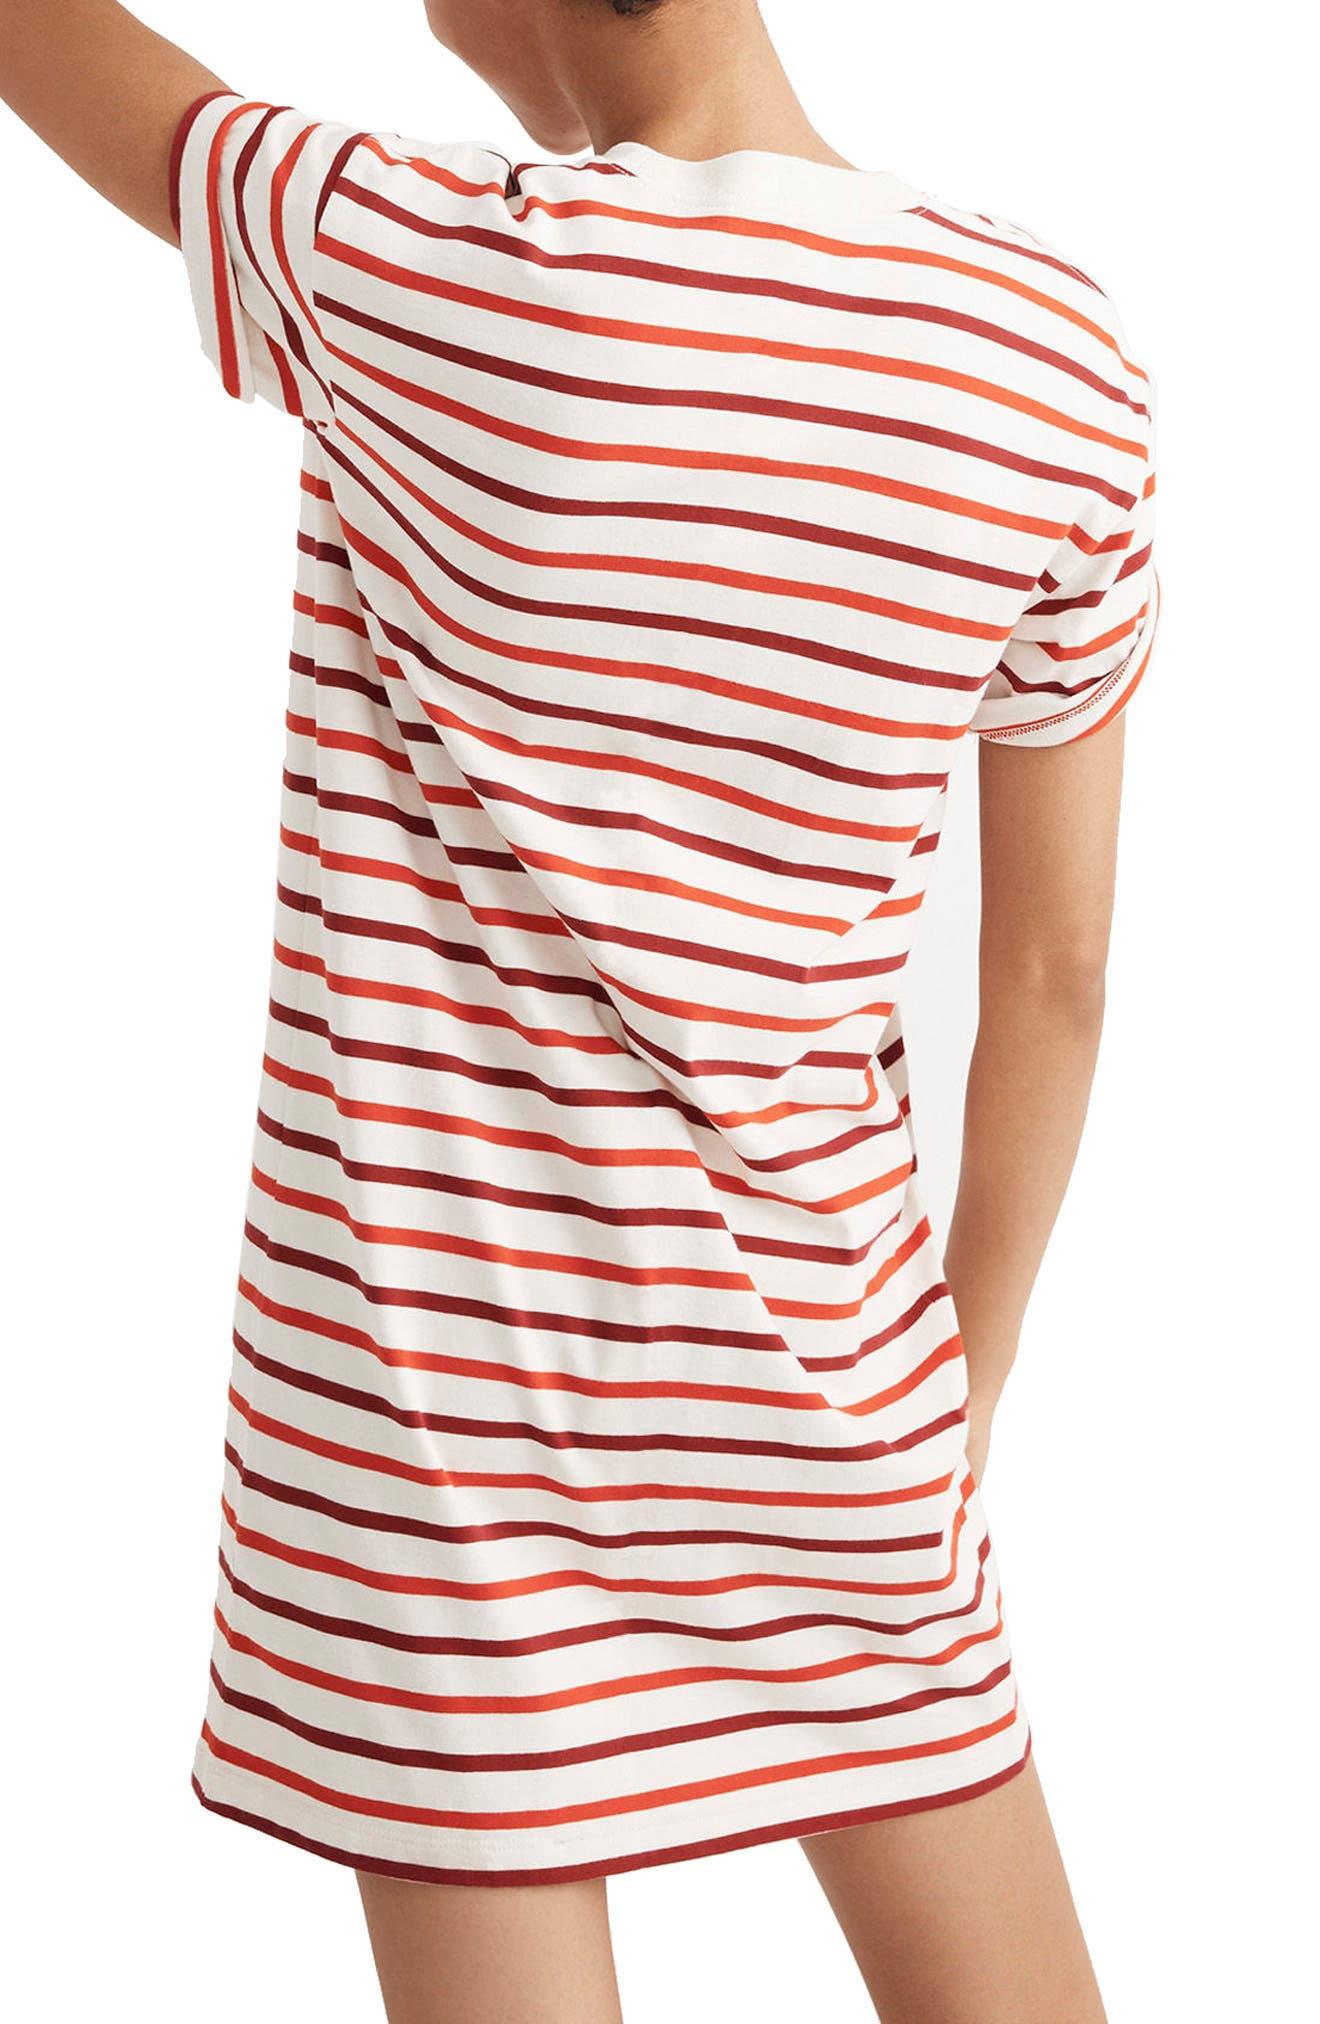 Stripe Pocket T-Shirt Dress,                             Alternate thumbnail 2, color,                             Ripe Persimmon